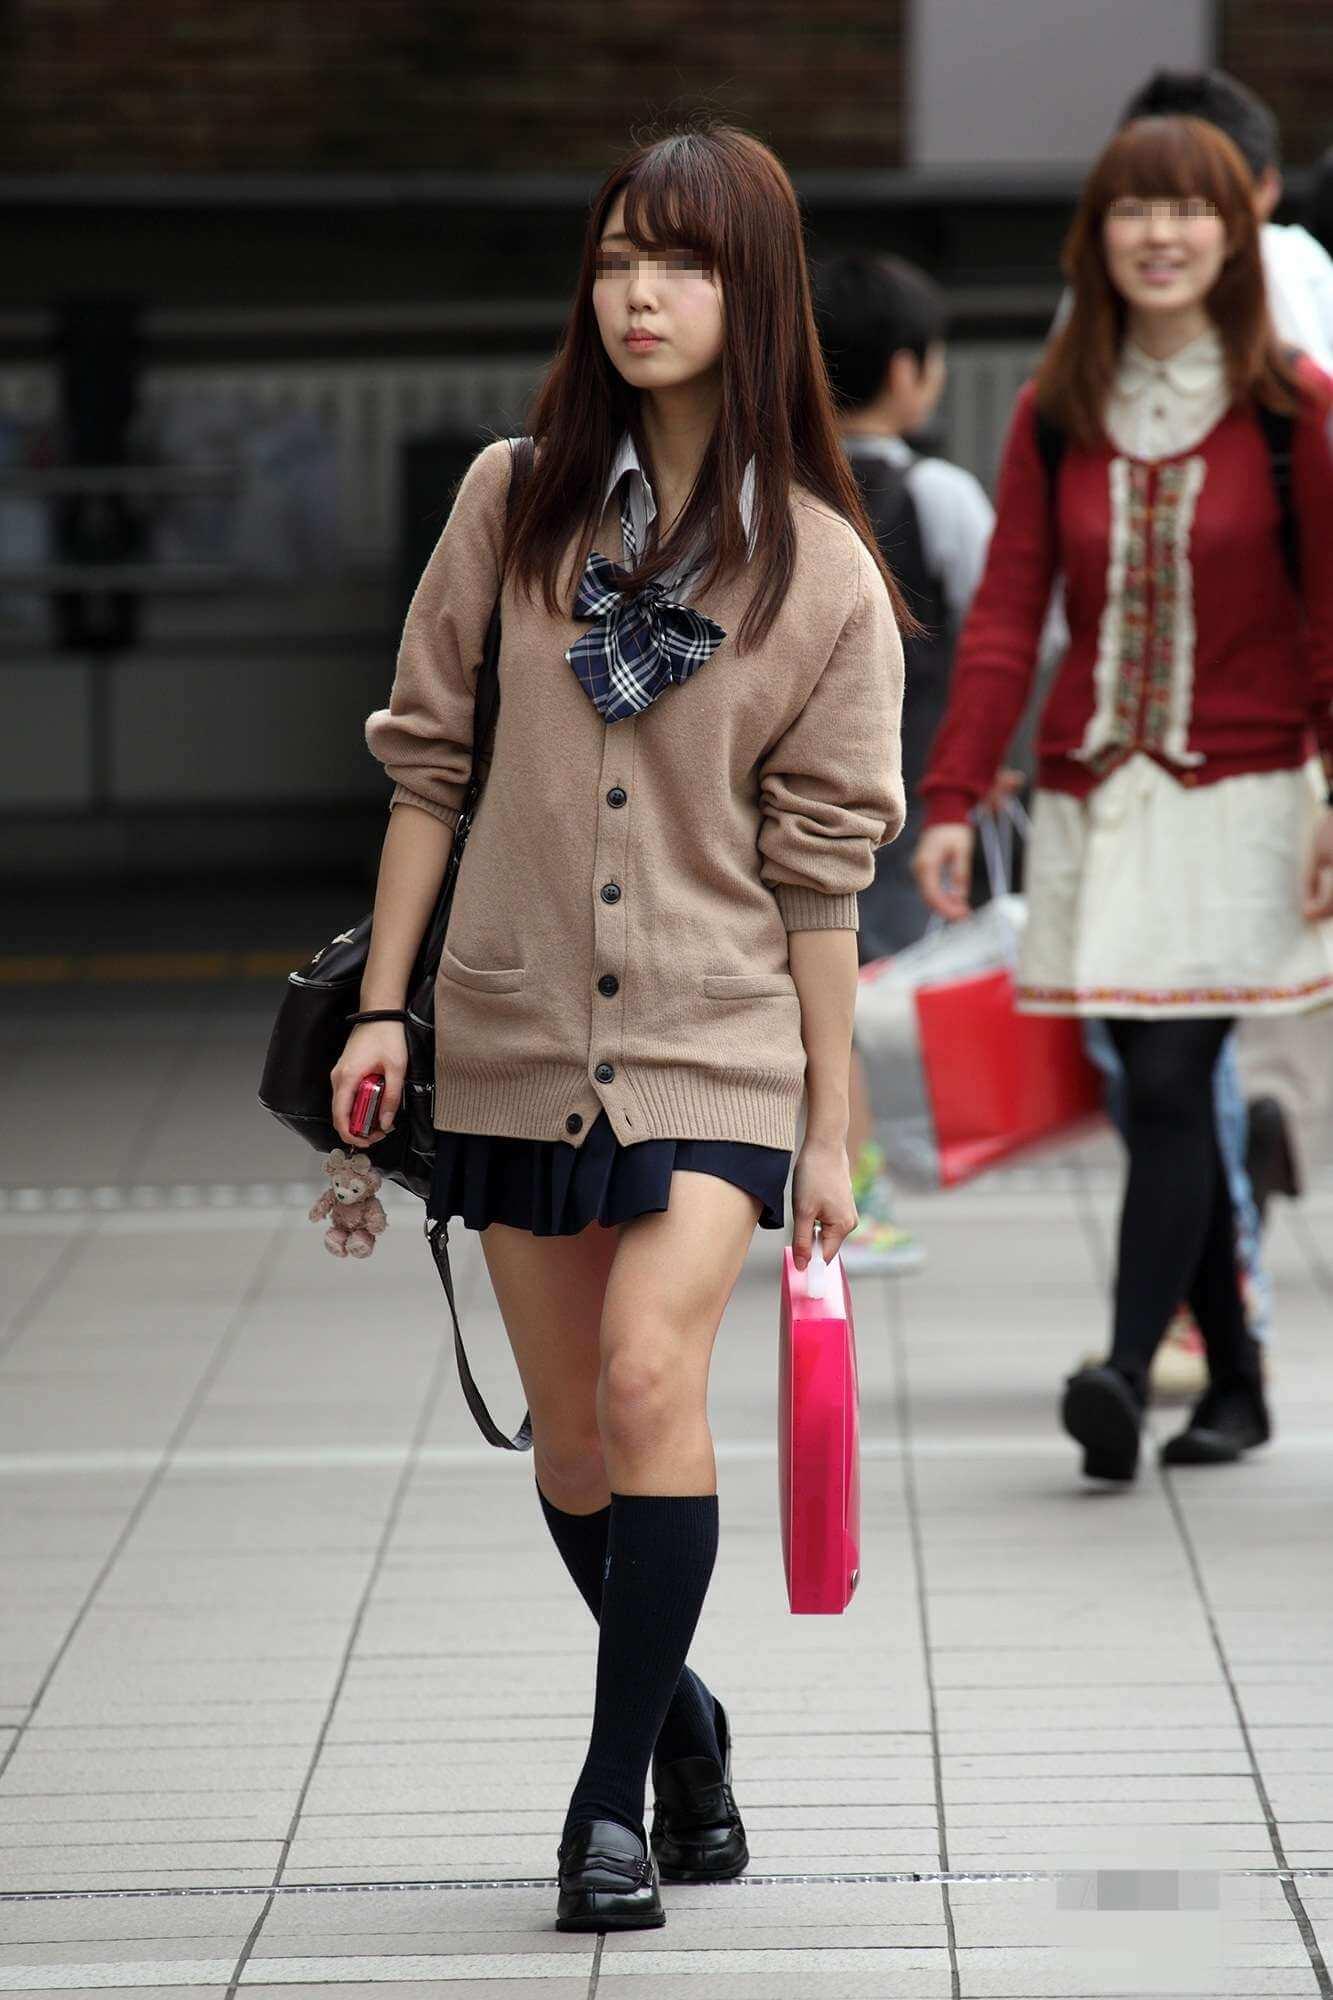 【画像】街をプラプラしてるドスケべな女子高生